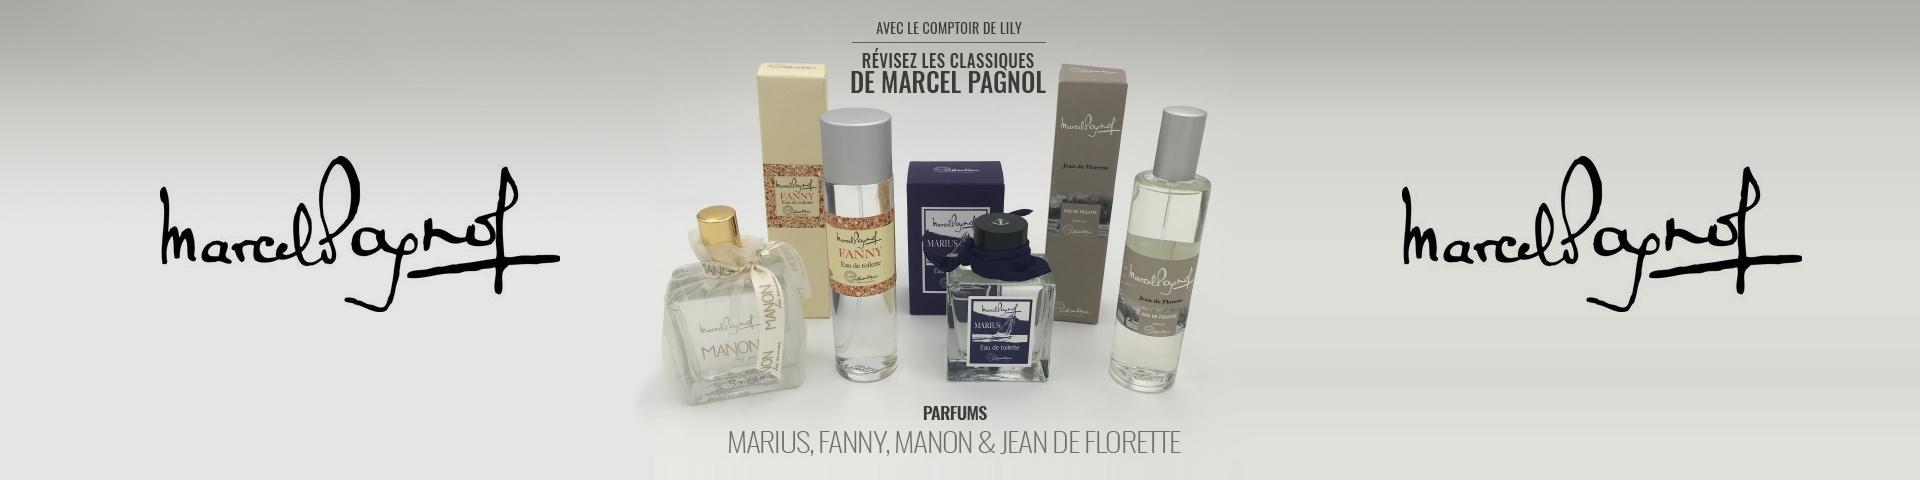 les parfums MARIUS, FANNY, MANON et JEAN de FLORETTE